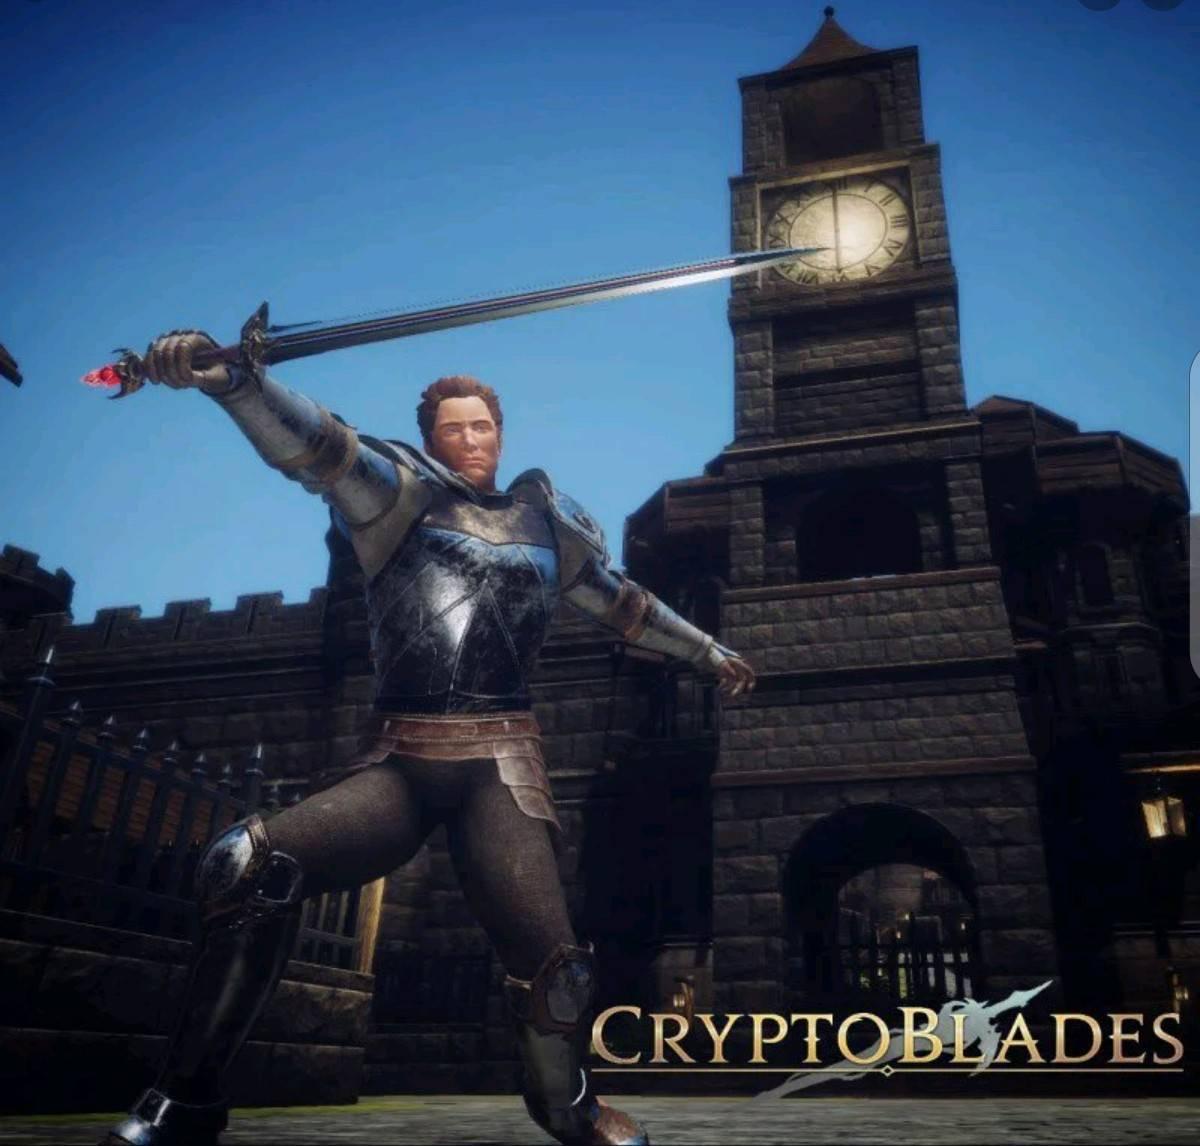 Cryptoblades est le nouveau token de la gaming qui cartonne bien en bourse sur le marché. Son cours a augmenté de plus de 1000% en 60 jours.